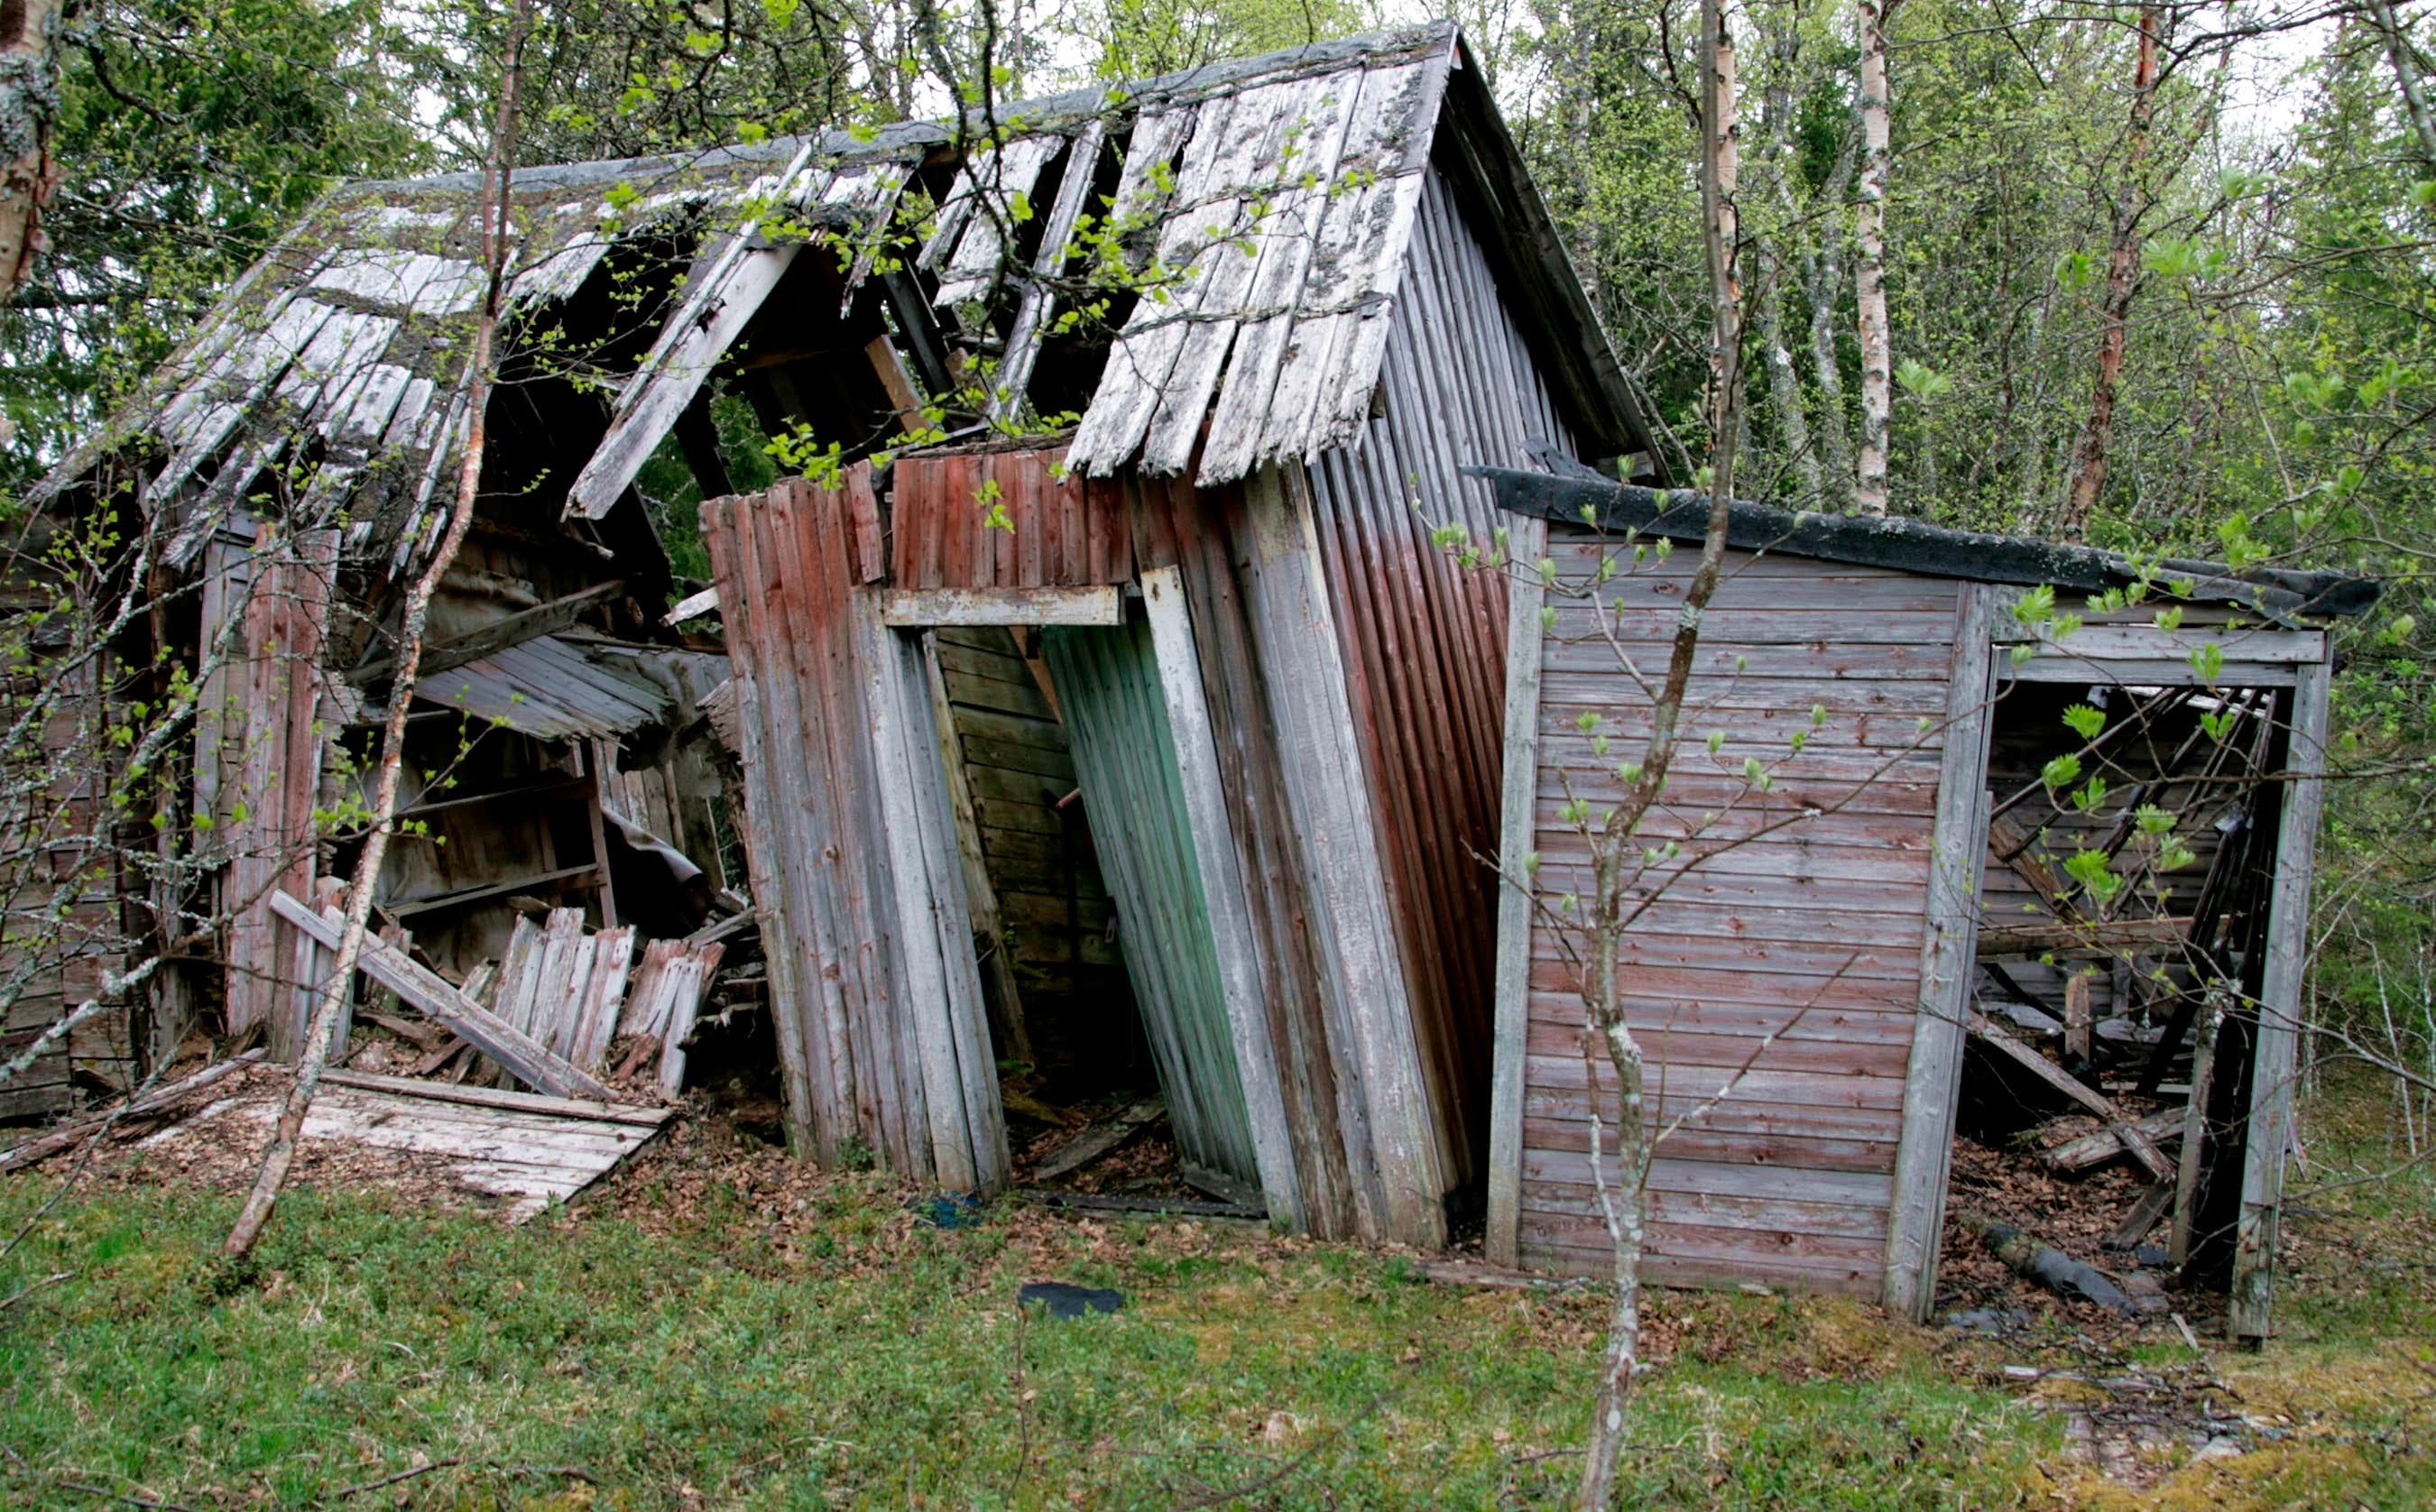 gartenhaus abbauen: so gelingen abriss & entsorgung